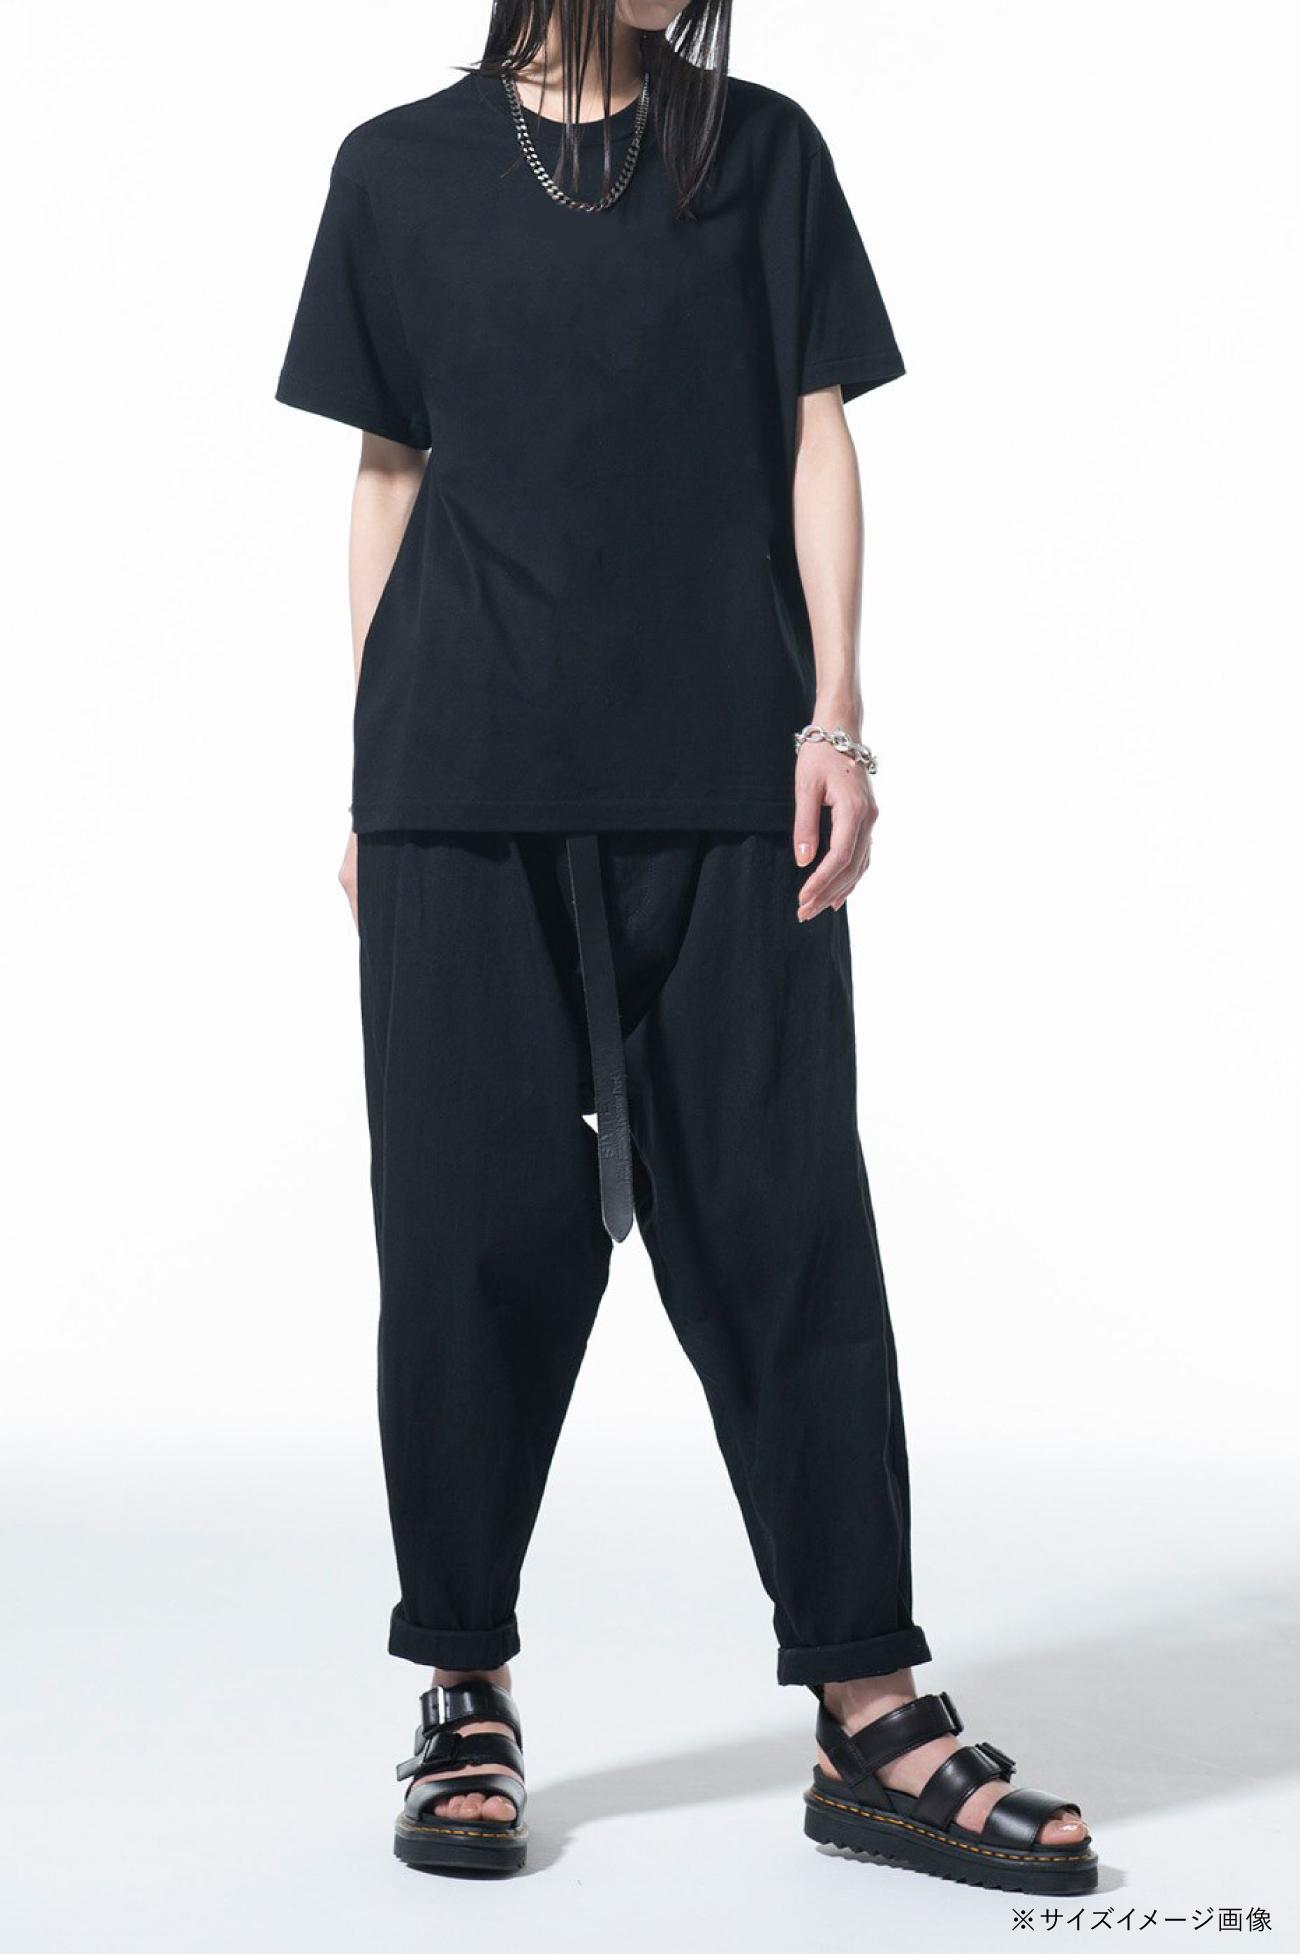 """【7/22(木) 12:00発売】""""Tomie"""" Wearing Yohji Yamamoto Lace-up Dress T-shirt"""